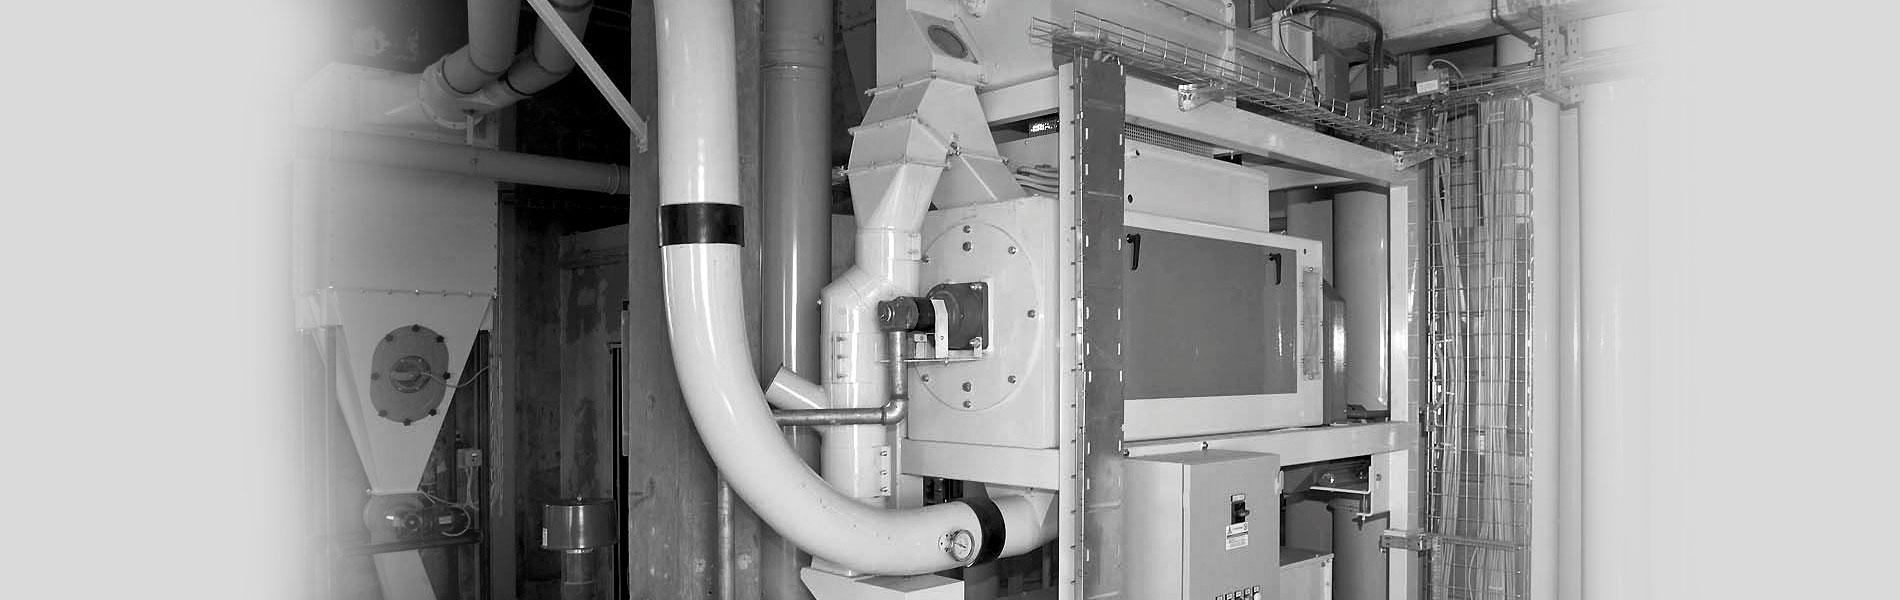 Molino-macchinario-lavorazione-farina-4